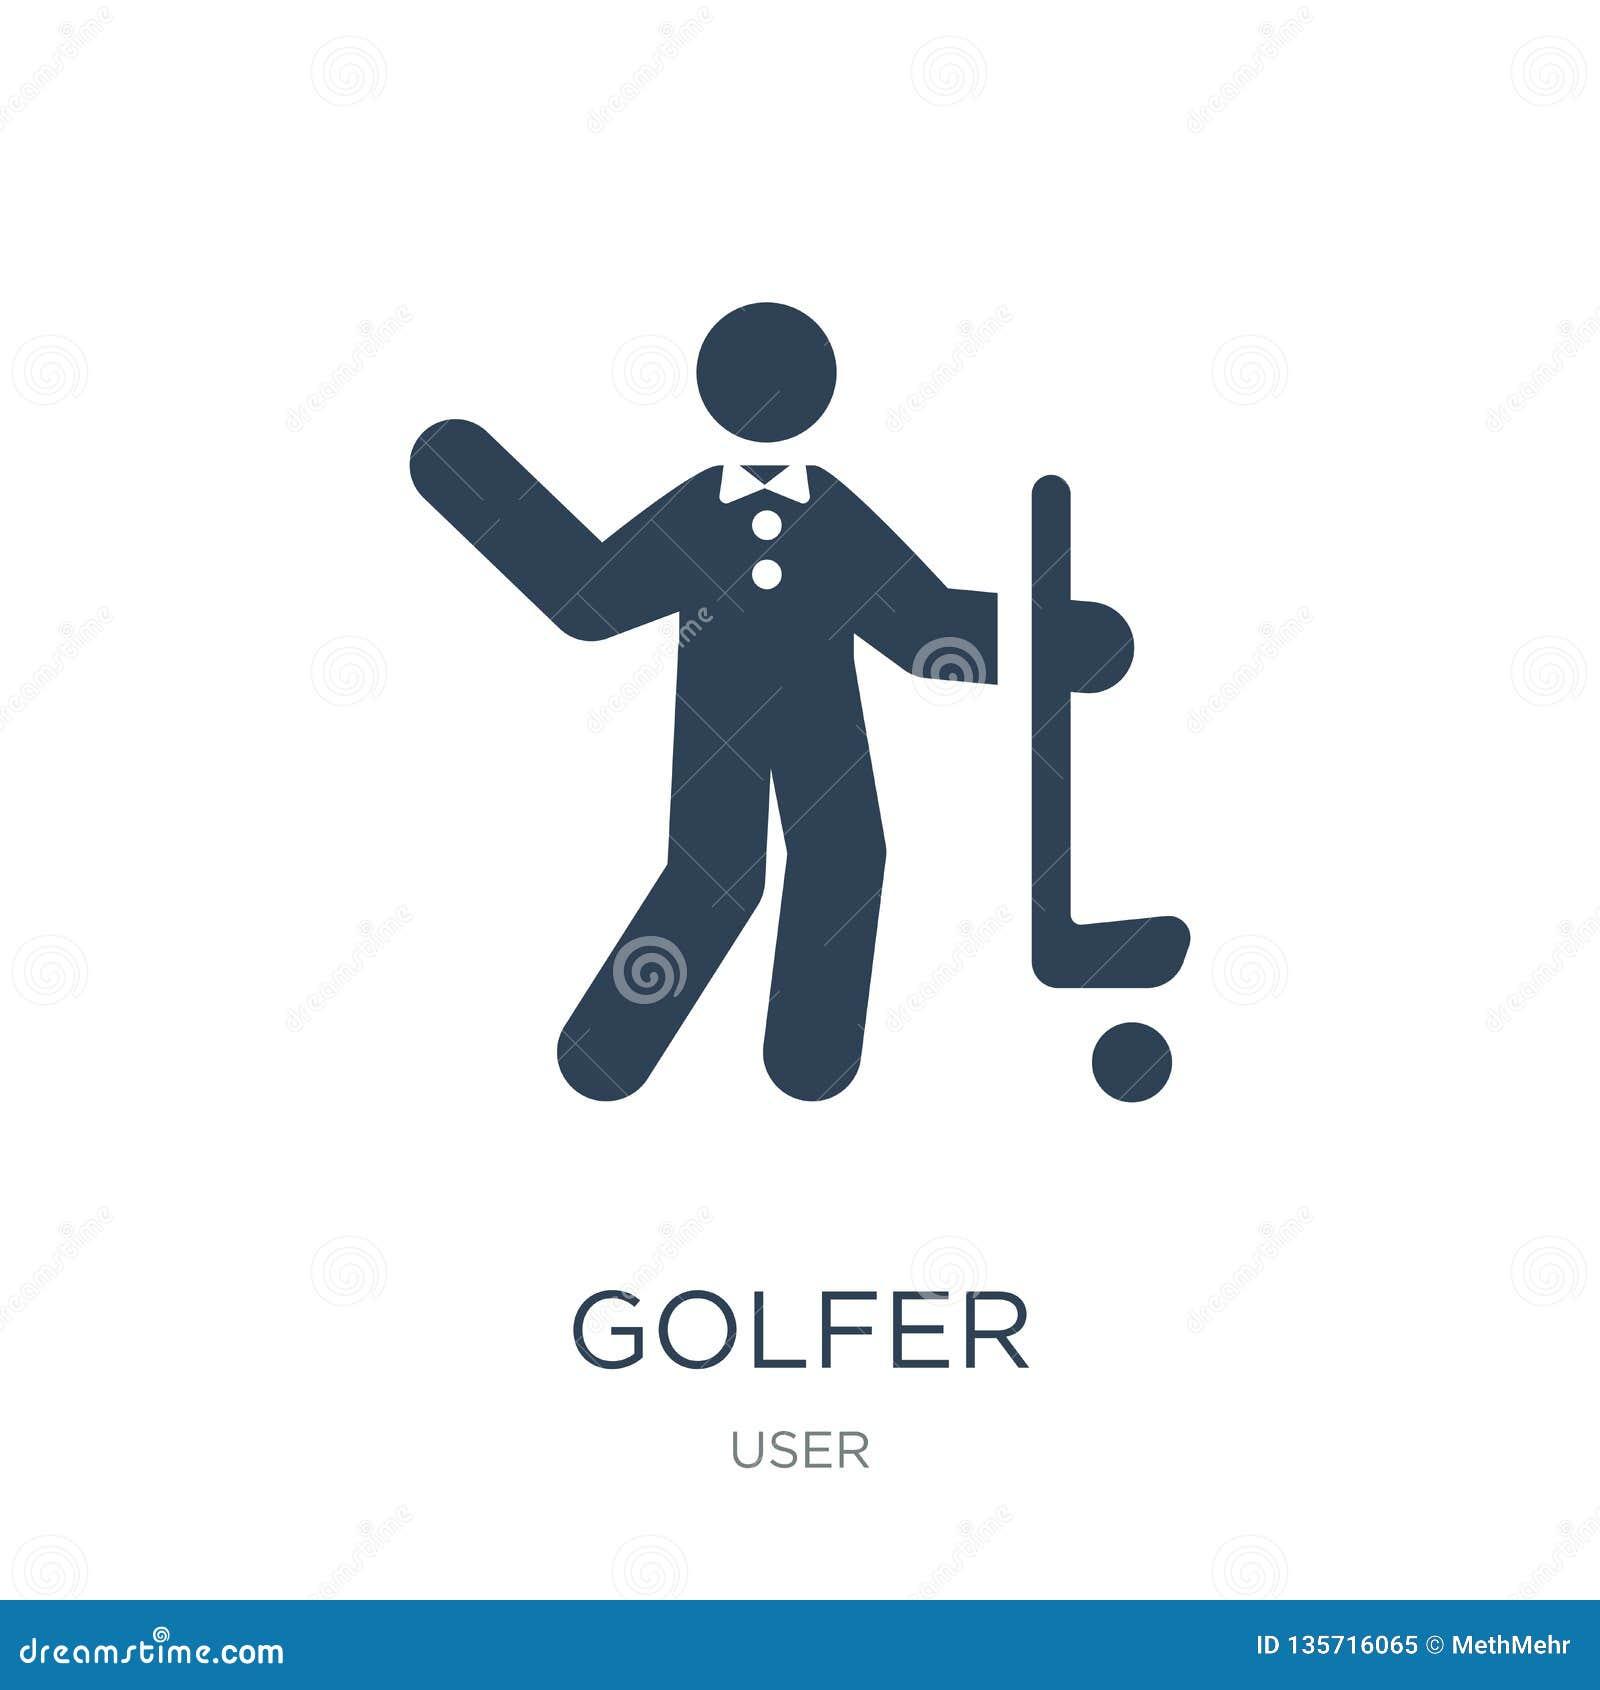 Icono del golfista en estilo de moda del diseño icono del golfista aislado en el fondo blanco símbolo plano simple y moderno del